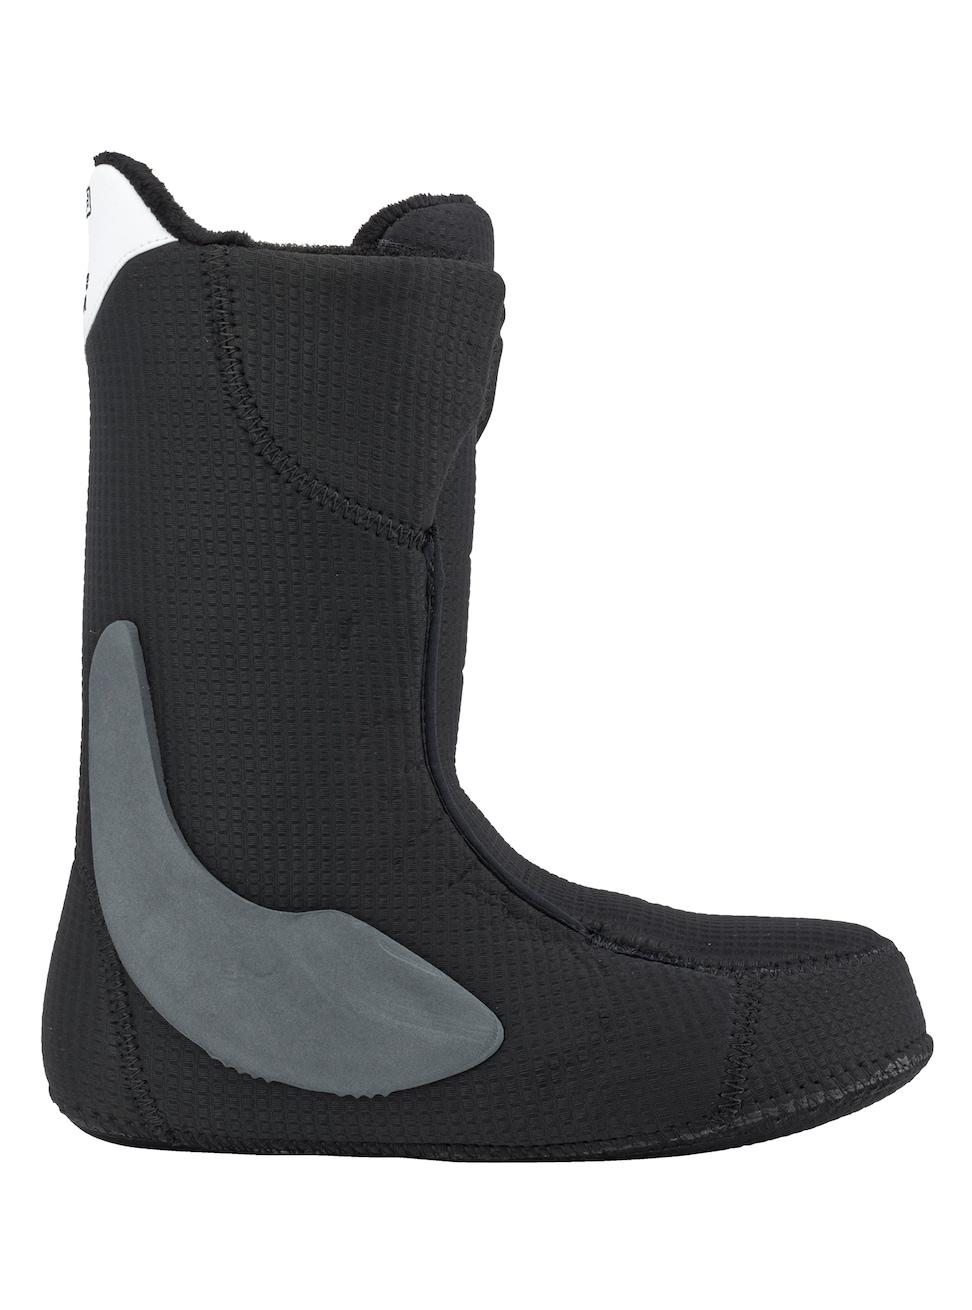 Ботинки сноубордические Head 17-18 Rodeo Black